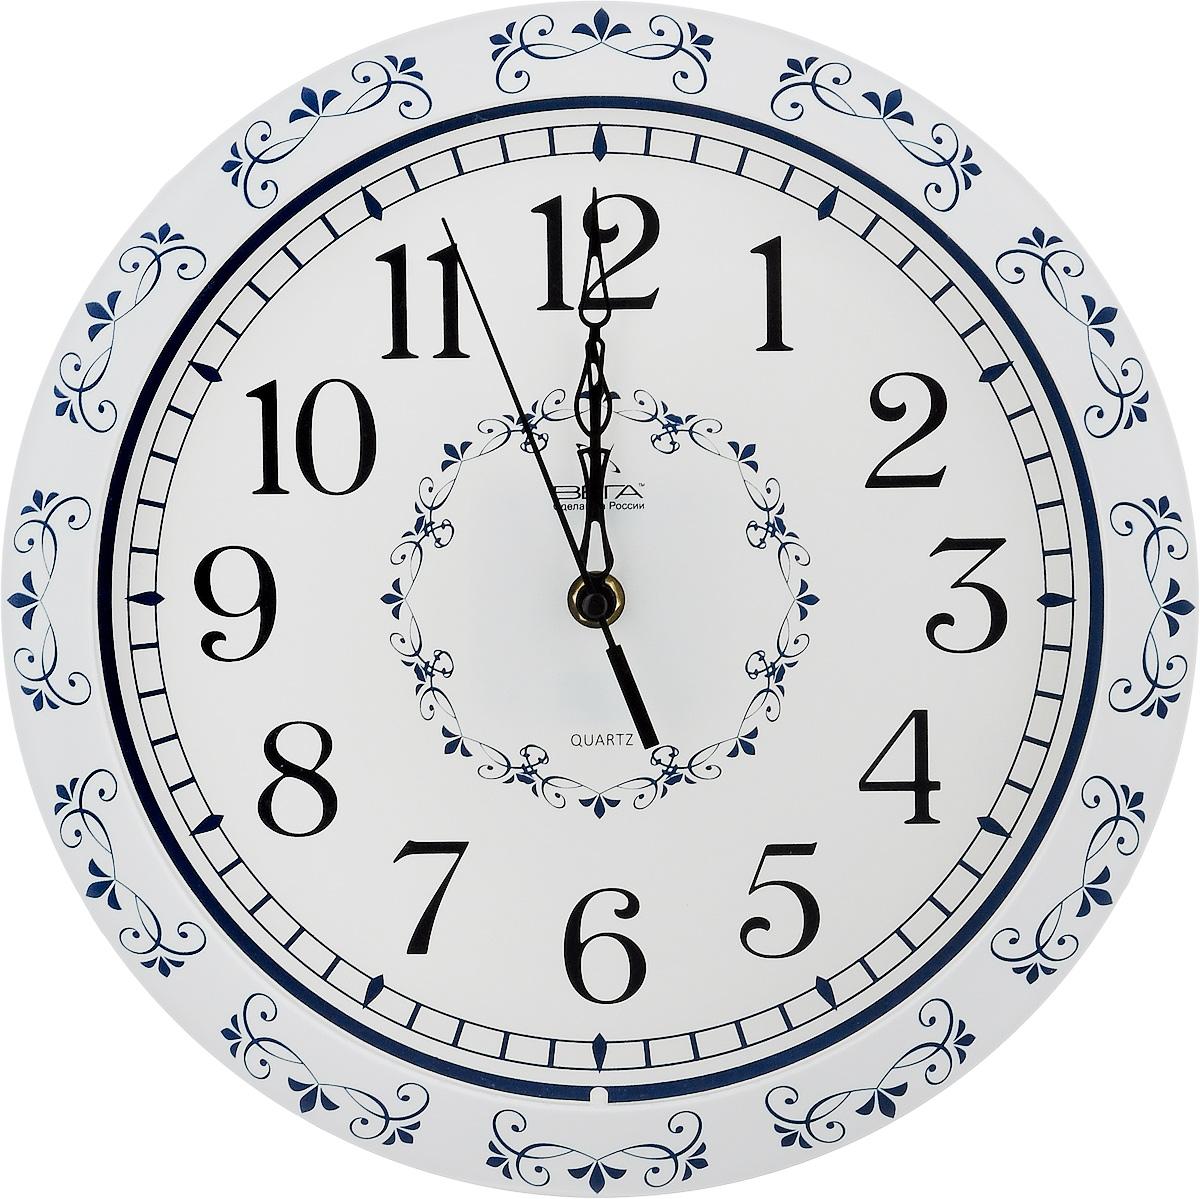 Часы настенные Вега Классика с узором, диаметр 28,5 смП1-322/7-2Настенные кварцевые часы Вега Классика с узором, изготовленные из пластика, прекрасно впишутся в интерьер вашего дома. Круглые часы имеют три стрелки: часовую, минутную и секундную, циферблат защищен прозрачным стеклом. Часы работают от 1 батарейки типа АА напряжением 1,5 В (не входит в комплект). Диаметр часов: 28,5 см.